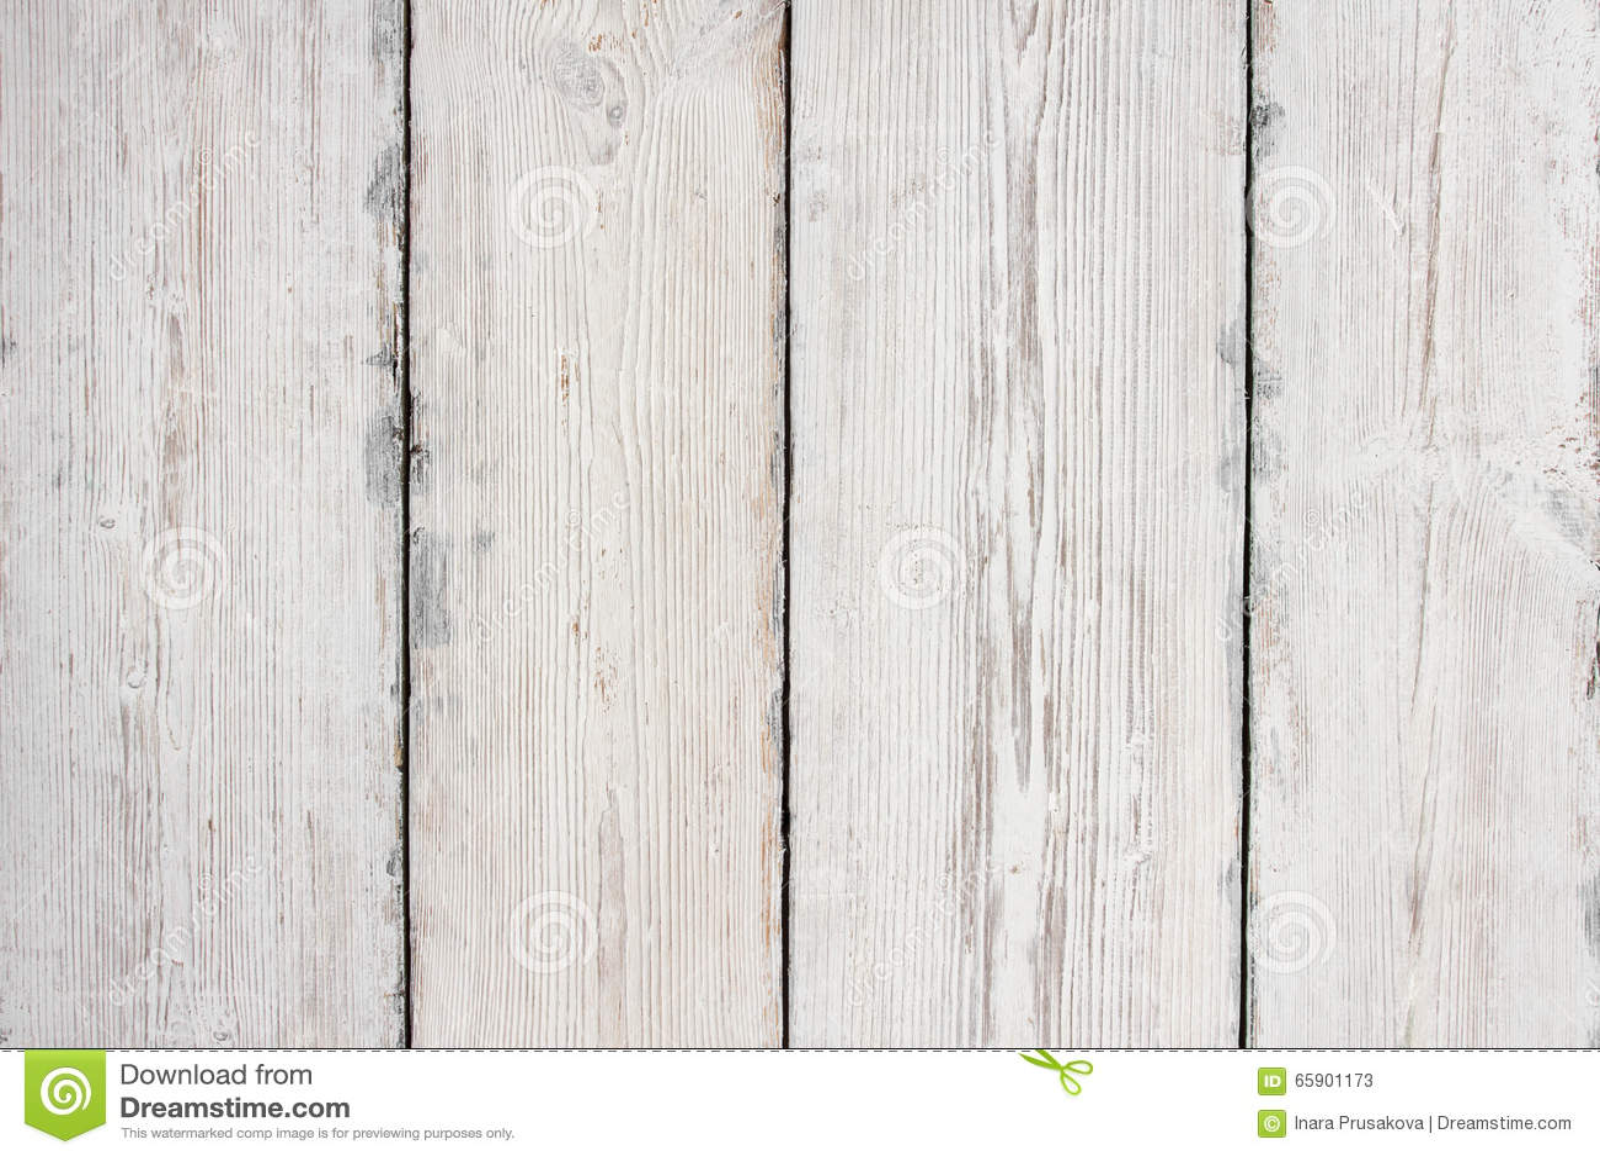 h lzerne planken beschaffenheit wei er holztisch hintergrund boden stockbild bild von korn. Black Bedroom Furniture Sets. Home Design Ideas